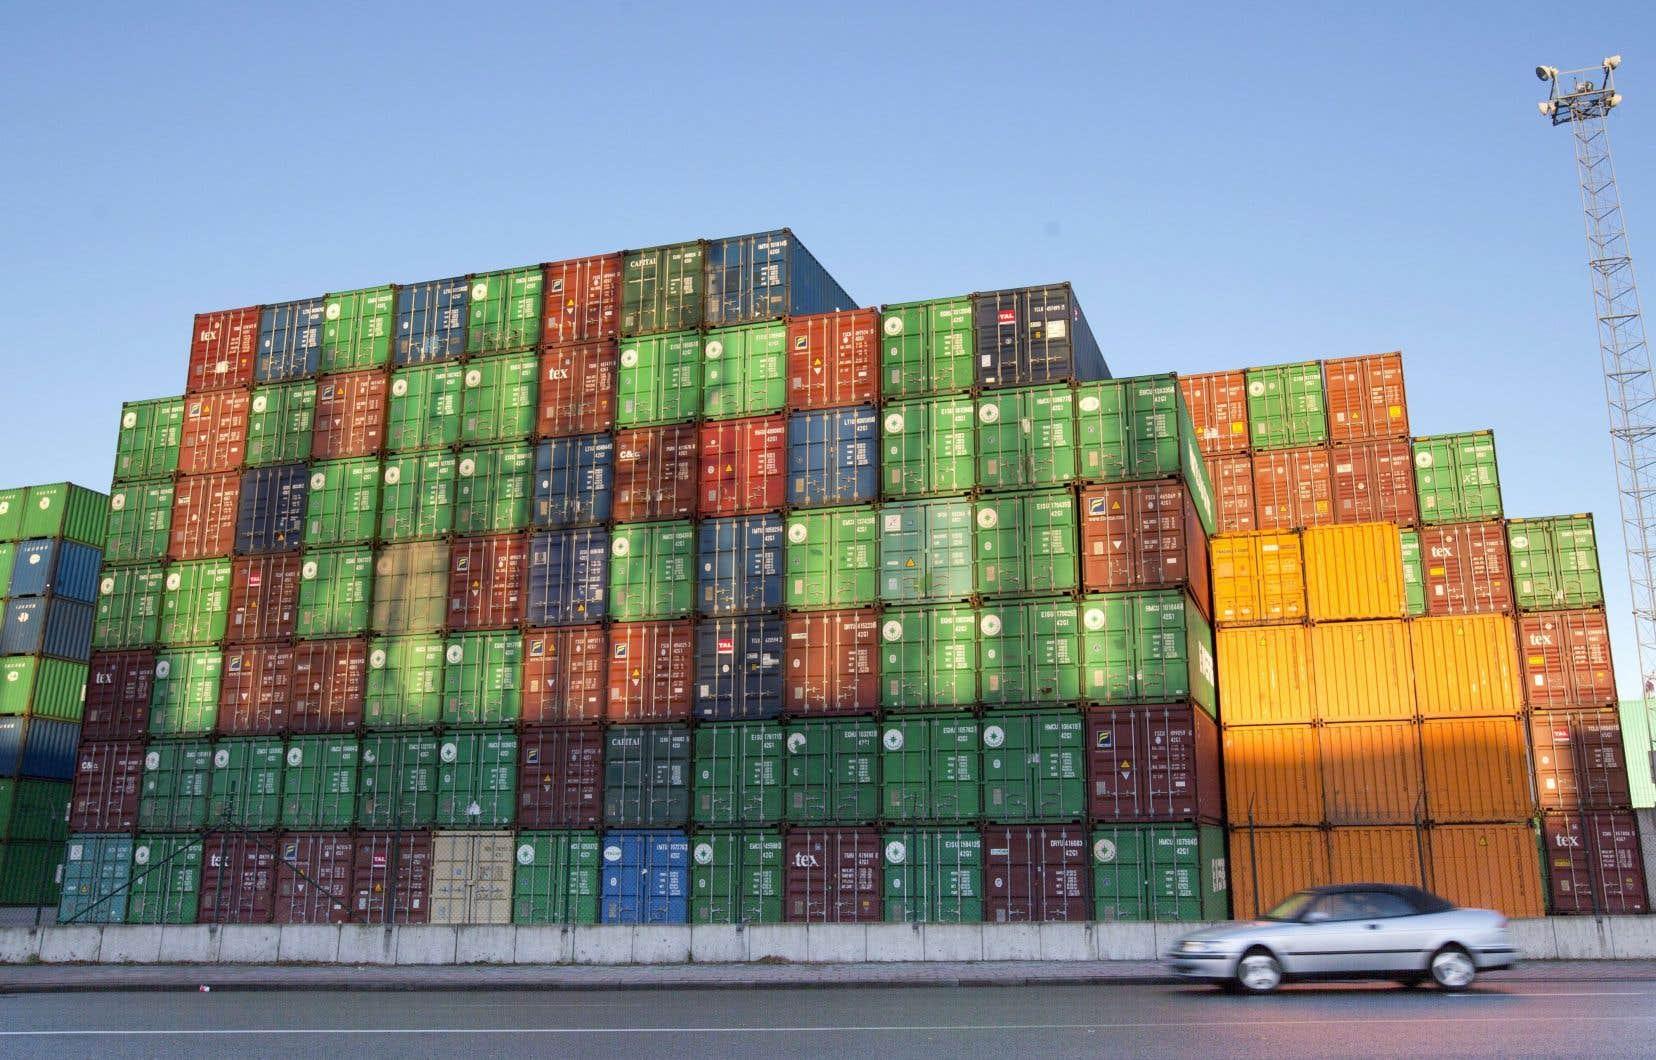 La population de la plupart des pays pense que le commerce international est une bonne chose pour leur pays. Mais les sondeurs ne savent pas trop pourquoi on a cette opinion positive.